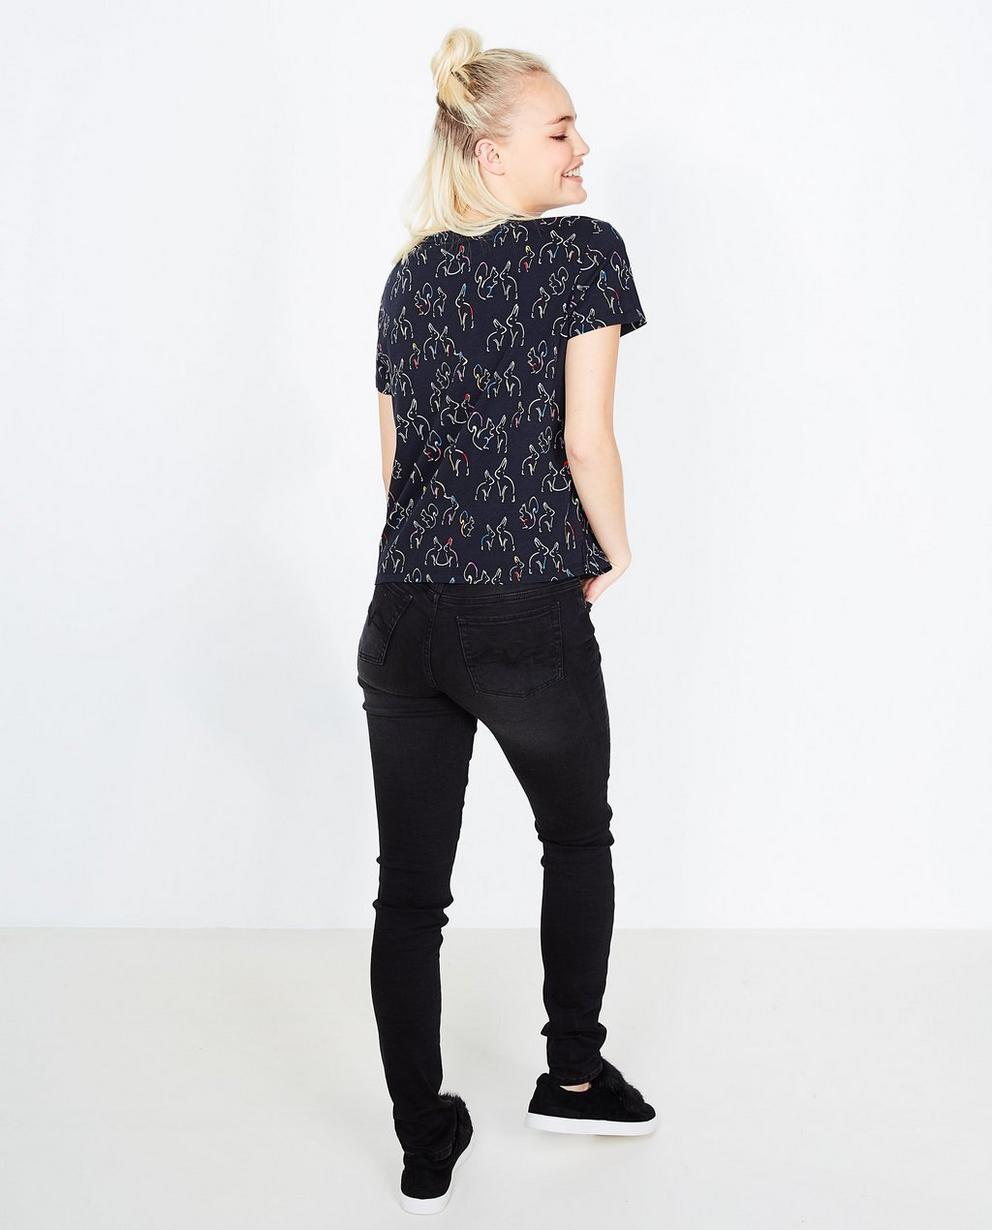 T-shirt met konijnenprint - en velvet borstzak - Grogy